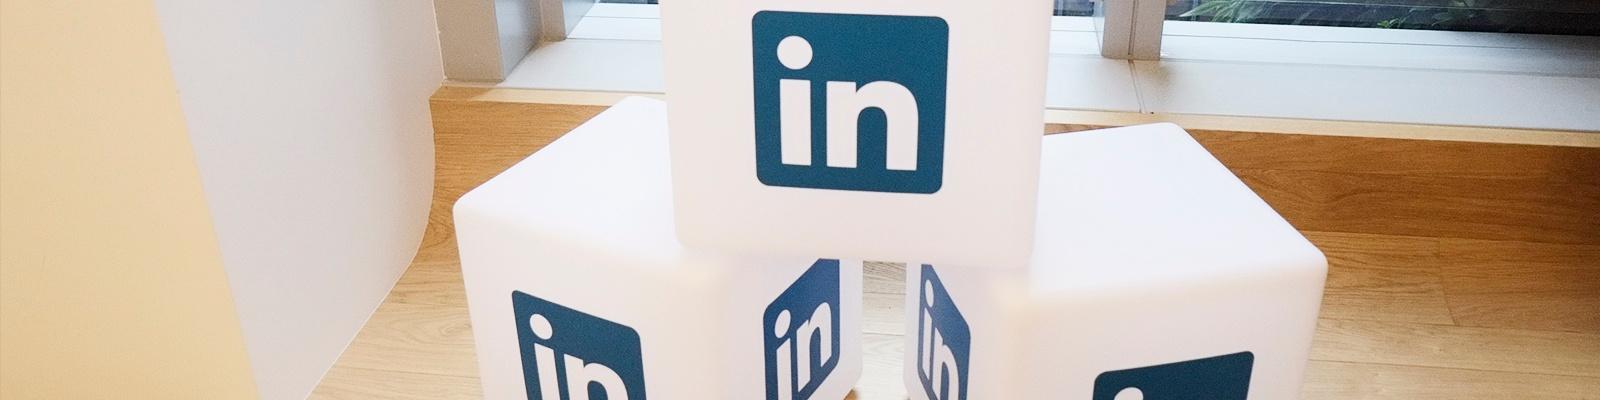 Infografía :Linkedin Ads, cómo llegar al sector B2B e incrementar resultados